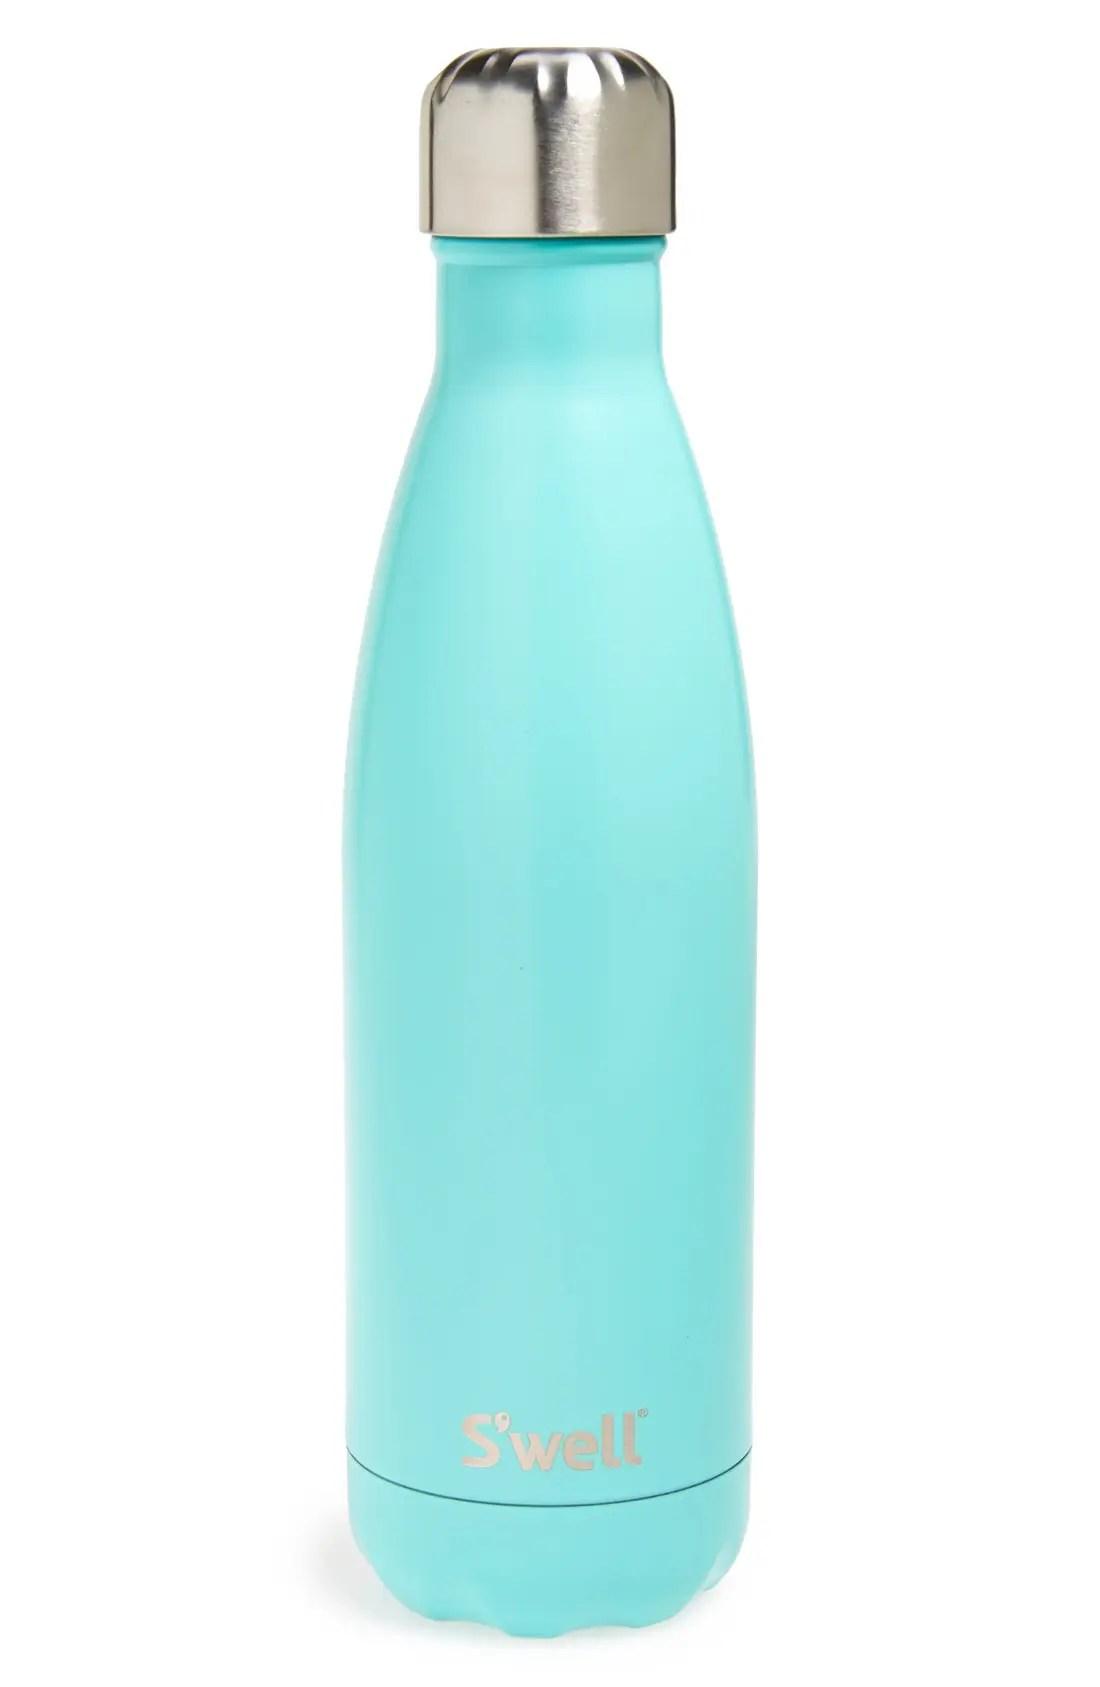 Joyous Bf51cd9c 5ff0 4a2e A54e 6f5c6de42969 Swell Water Bottle Walmart Swell Water Bottle Marble nice food Swell Water Bottle